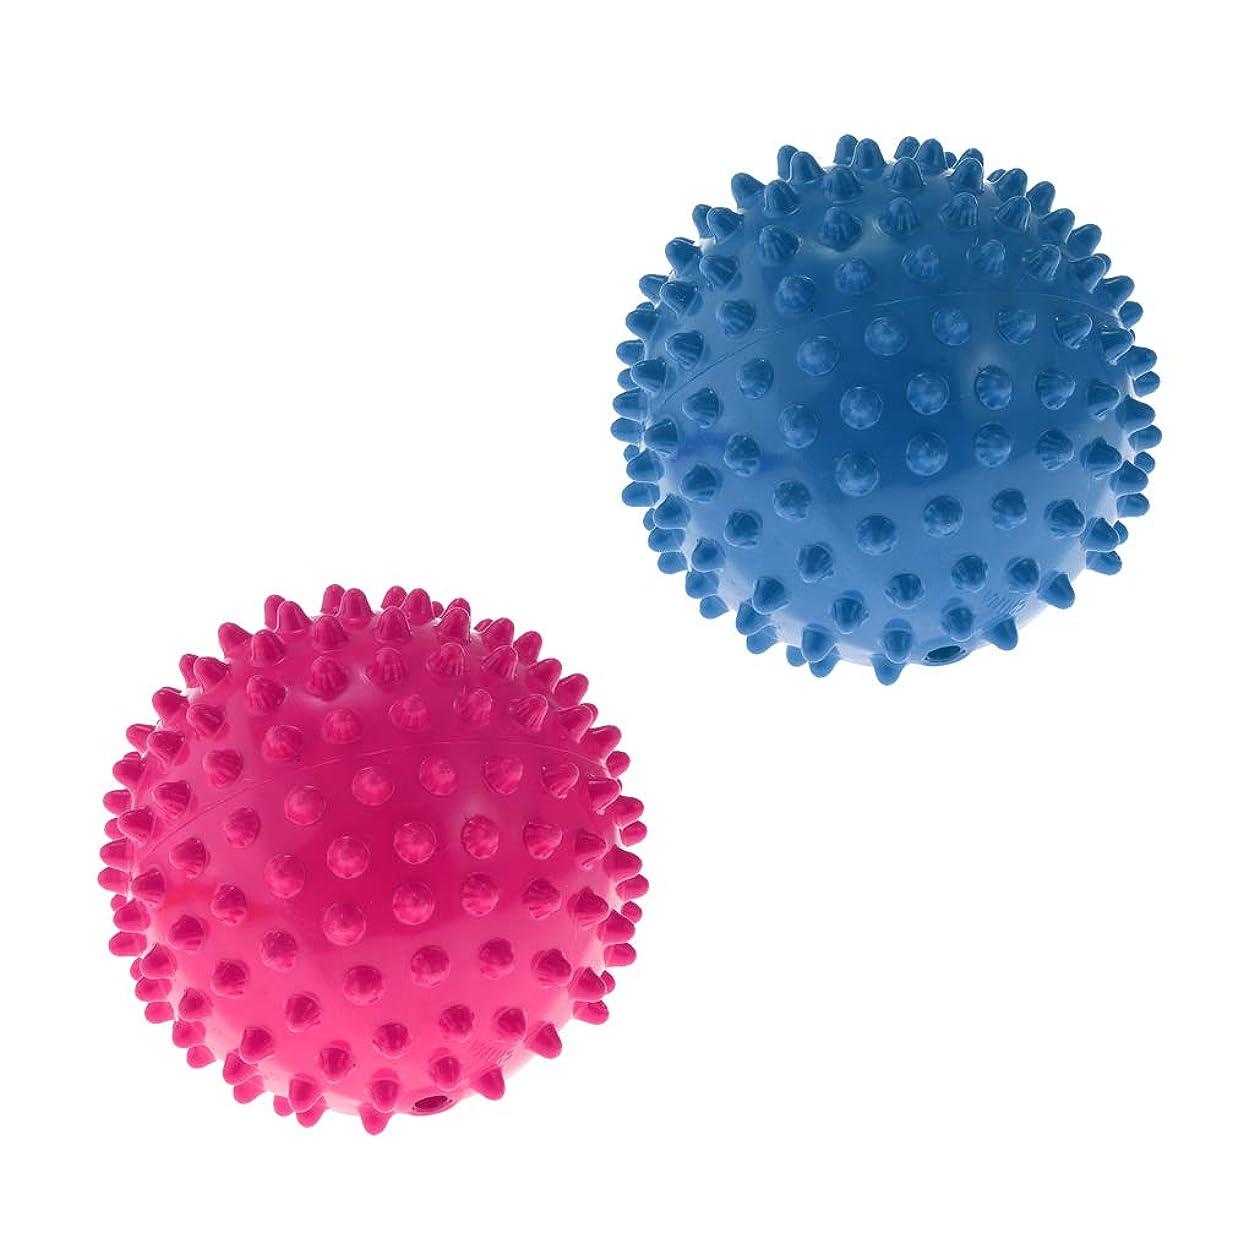 手段速記麻痺2ピース入り ノビー 弾むボール マッサージボール パーティーゲーム 子供教育玩具 耐久性